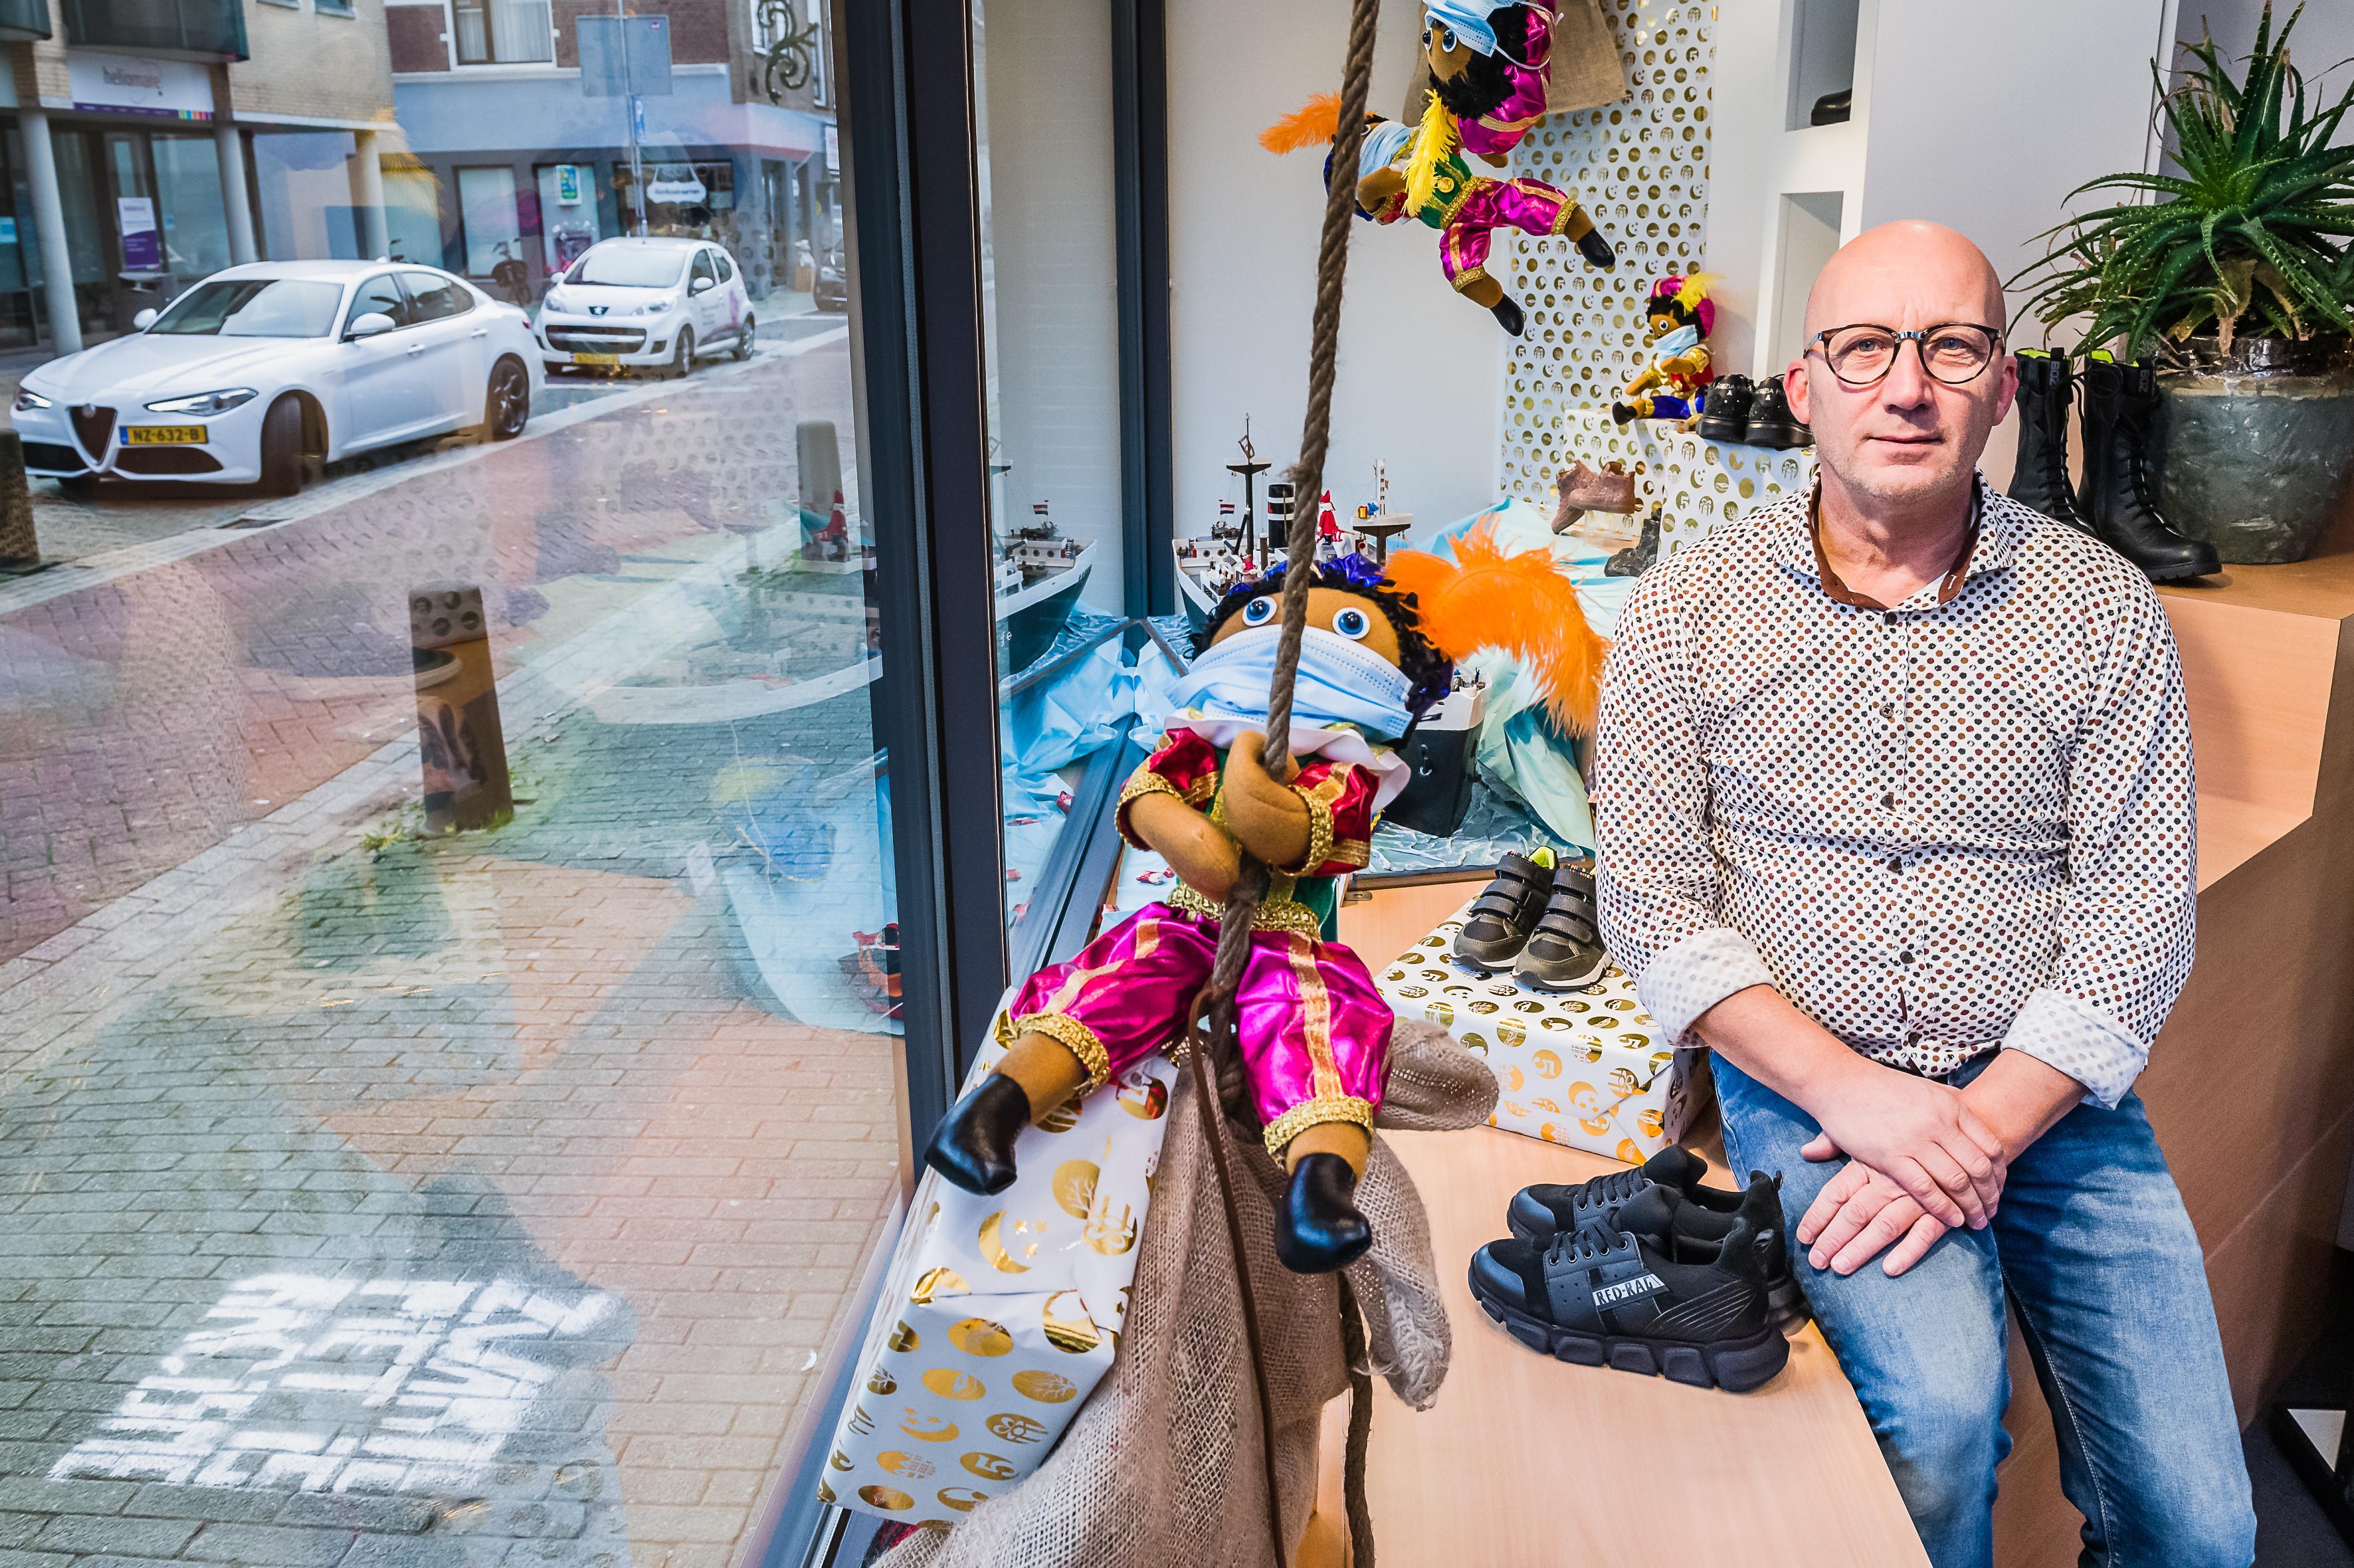 Winkelier is anti-Pietenactie zat: 'Mijn sinterklaasetalage is dit jaar voor het laatst'; centrum Krommenie opgeschrikt door bekladding 'Zwarte Piet is racisme'